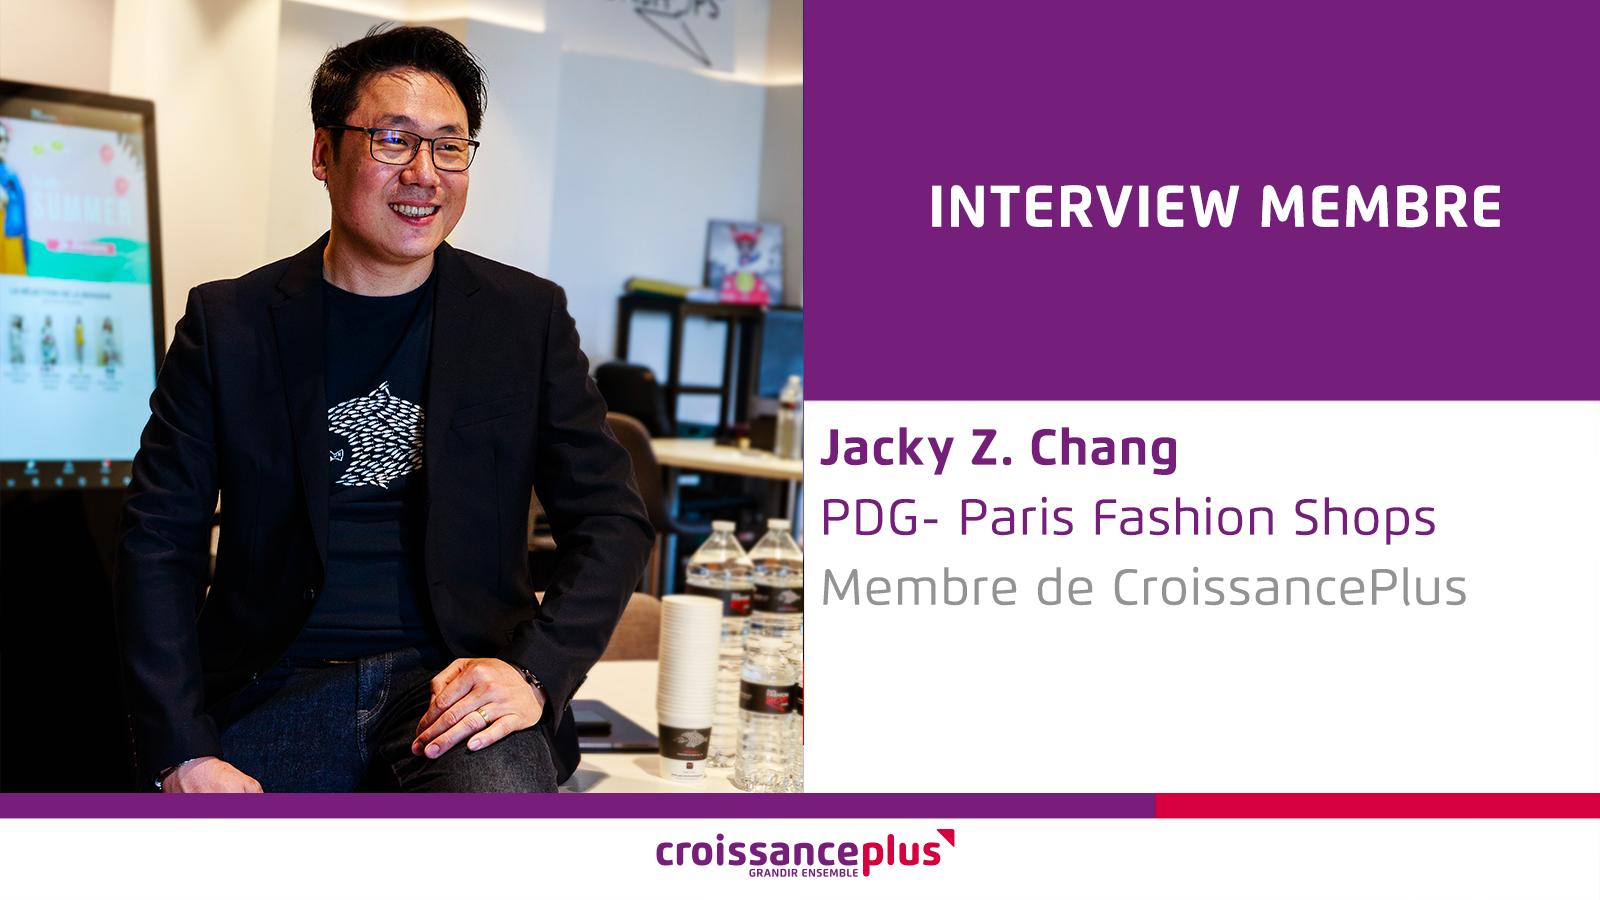 Découvrez Jacky Z. Chang, PDG de Paris Fashion Shops